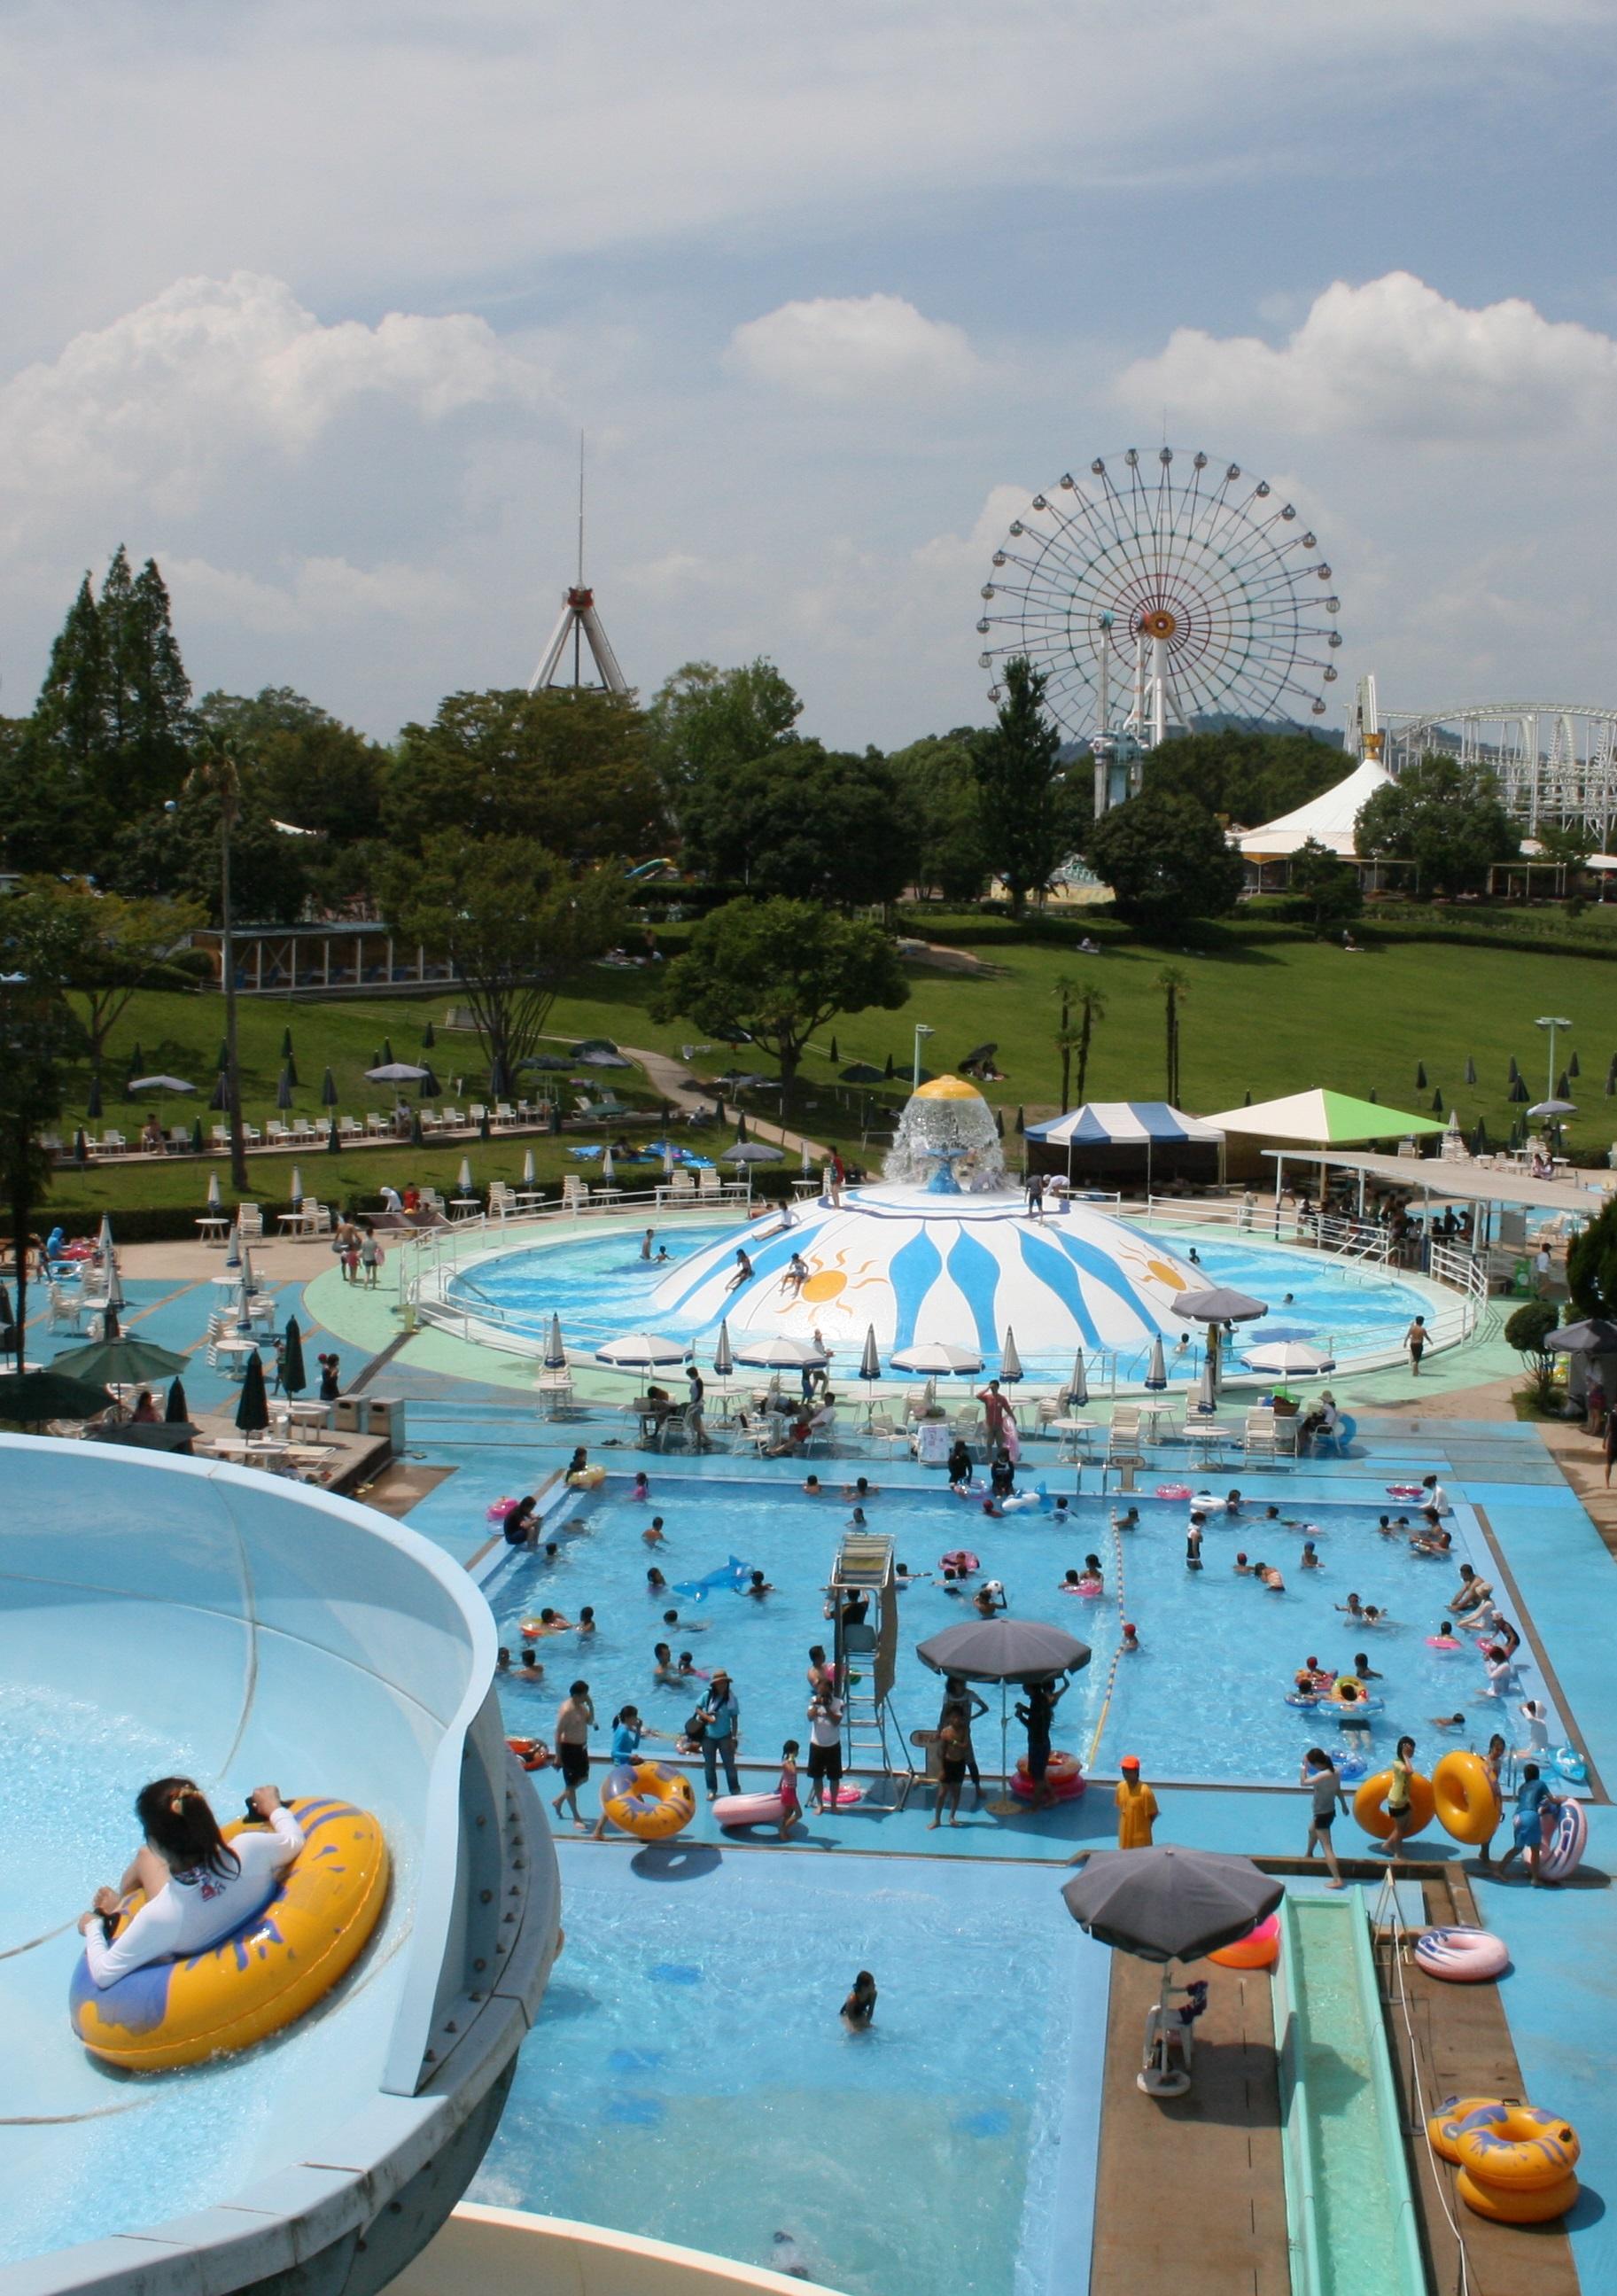 25周年「みろくの里」夏のプールは魅力的(みろくてき)!広島県内で一足早く7月12日にレジャープールオープン